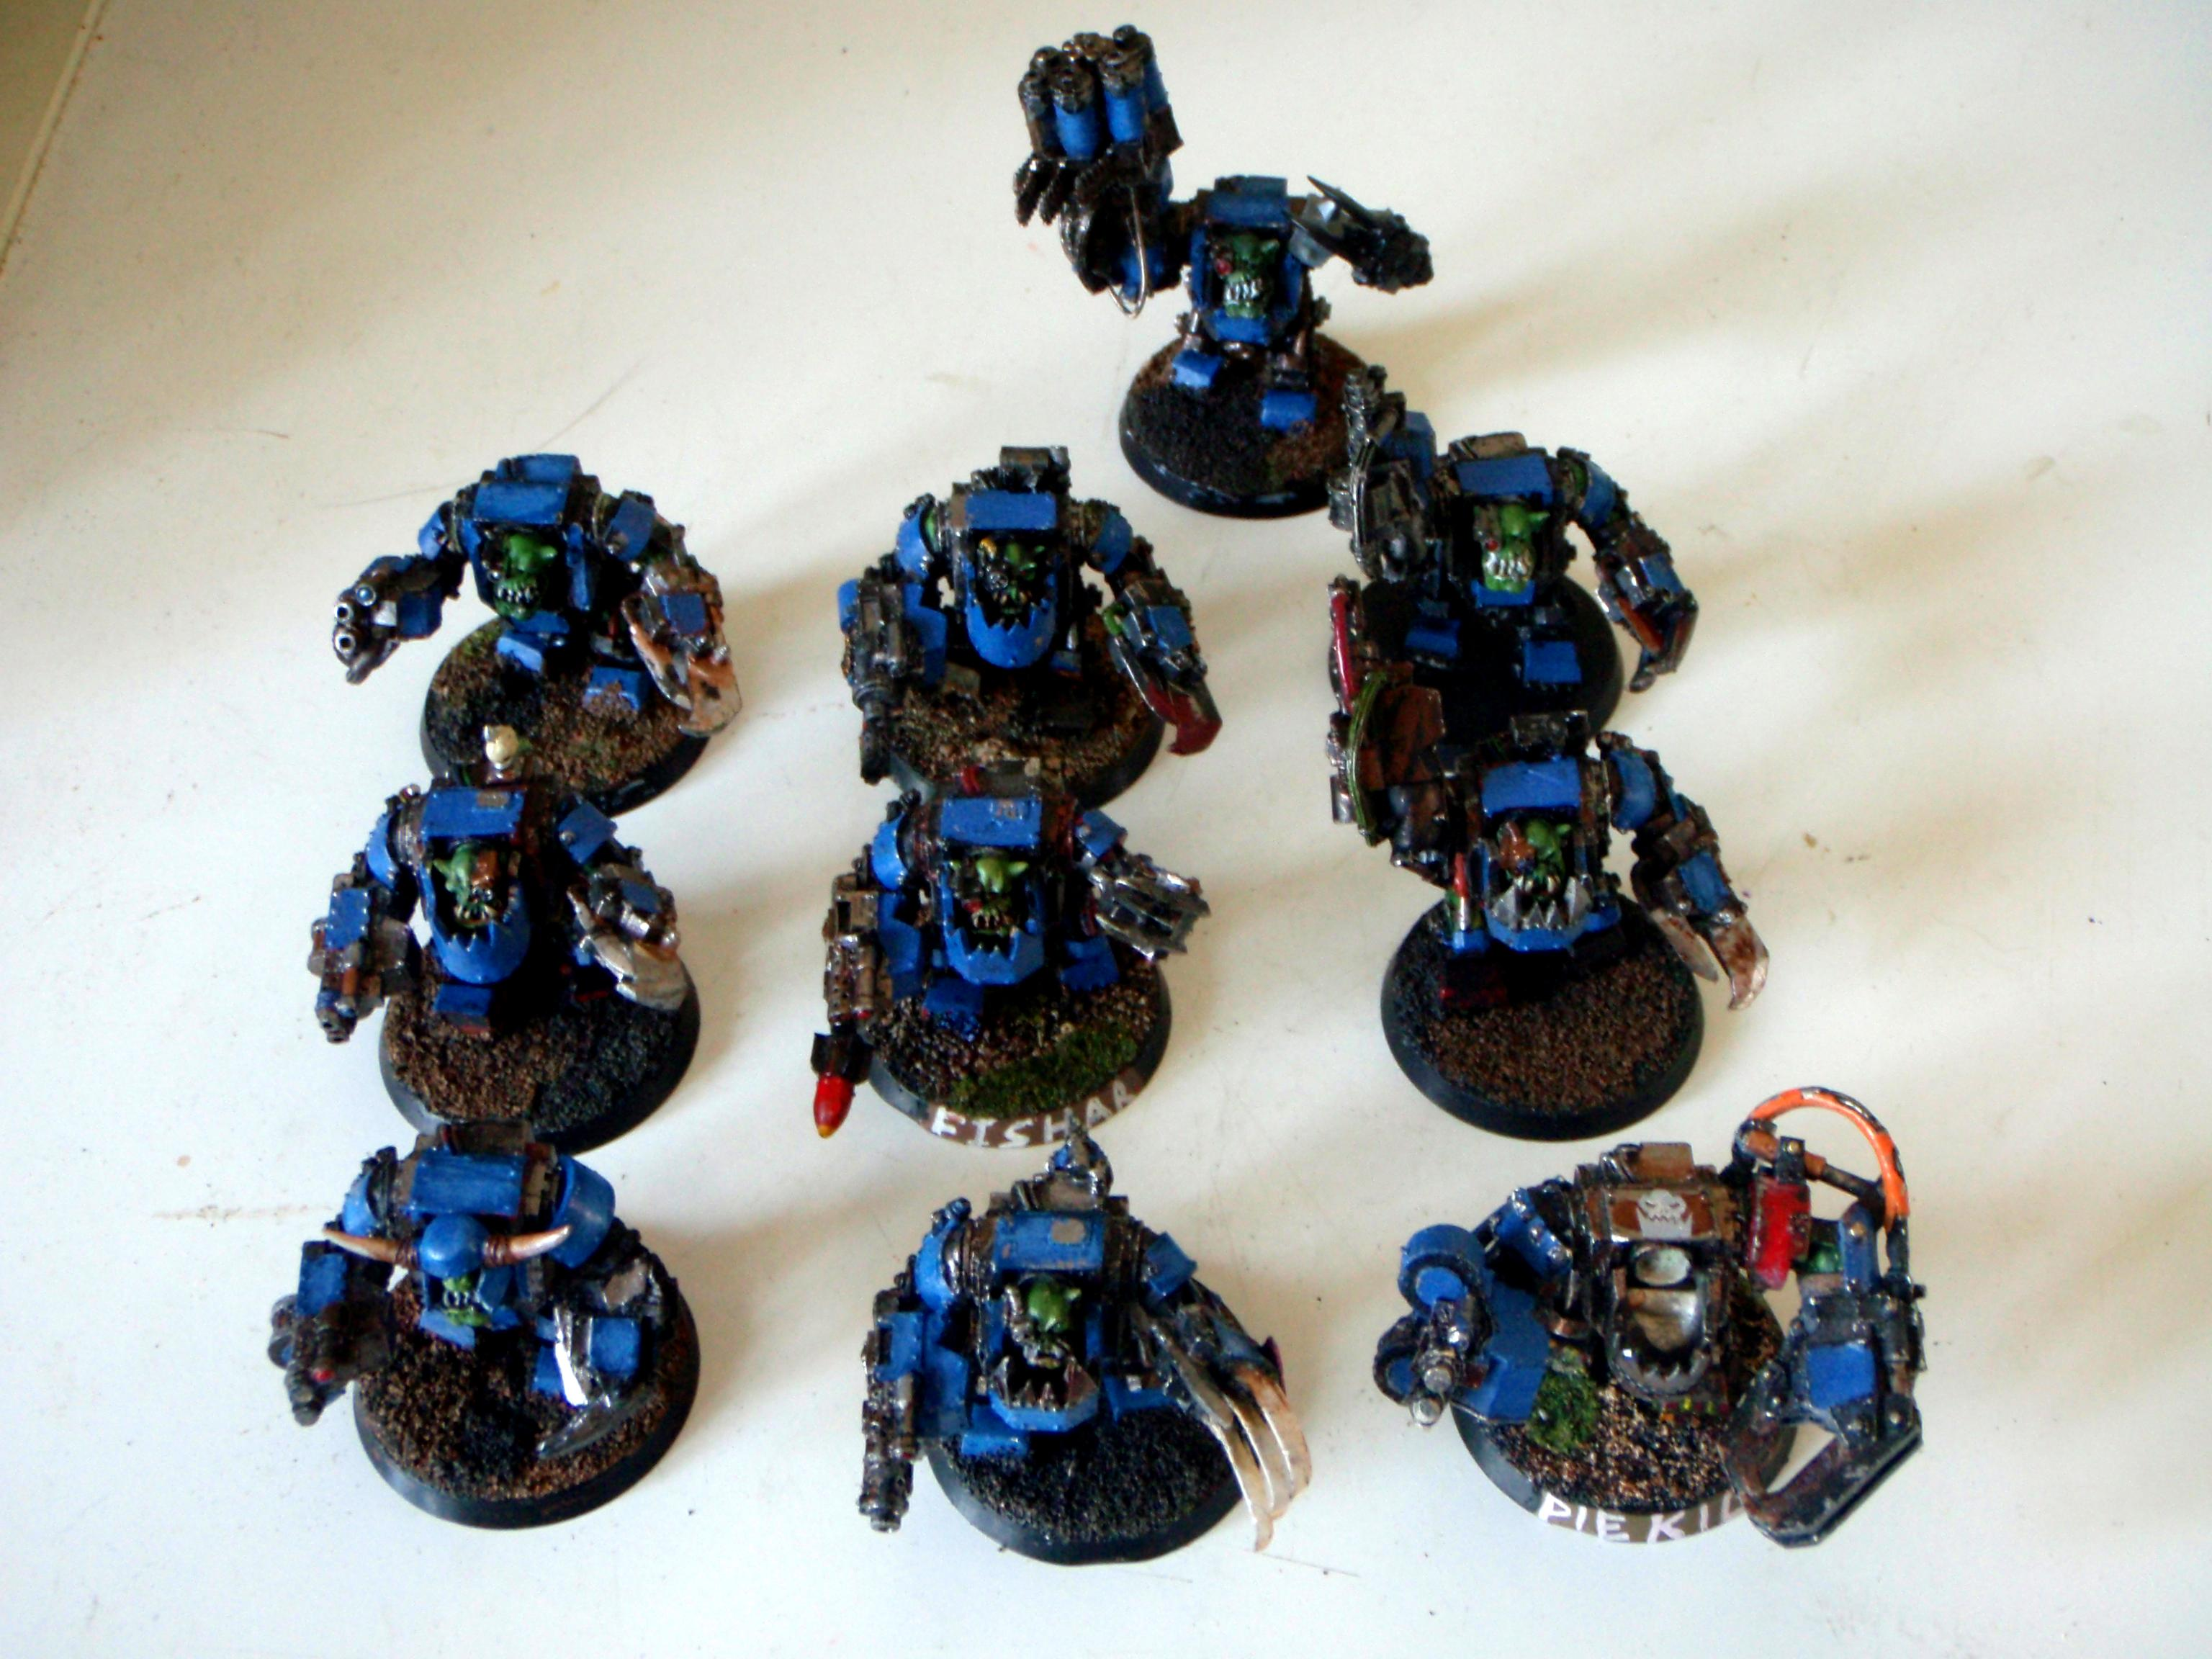 MANZ Blue boys